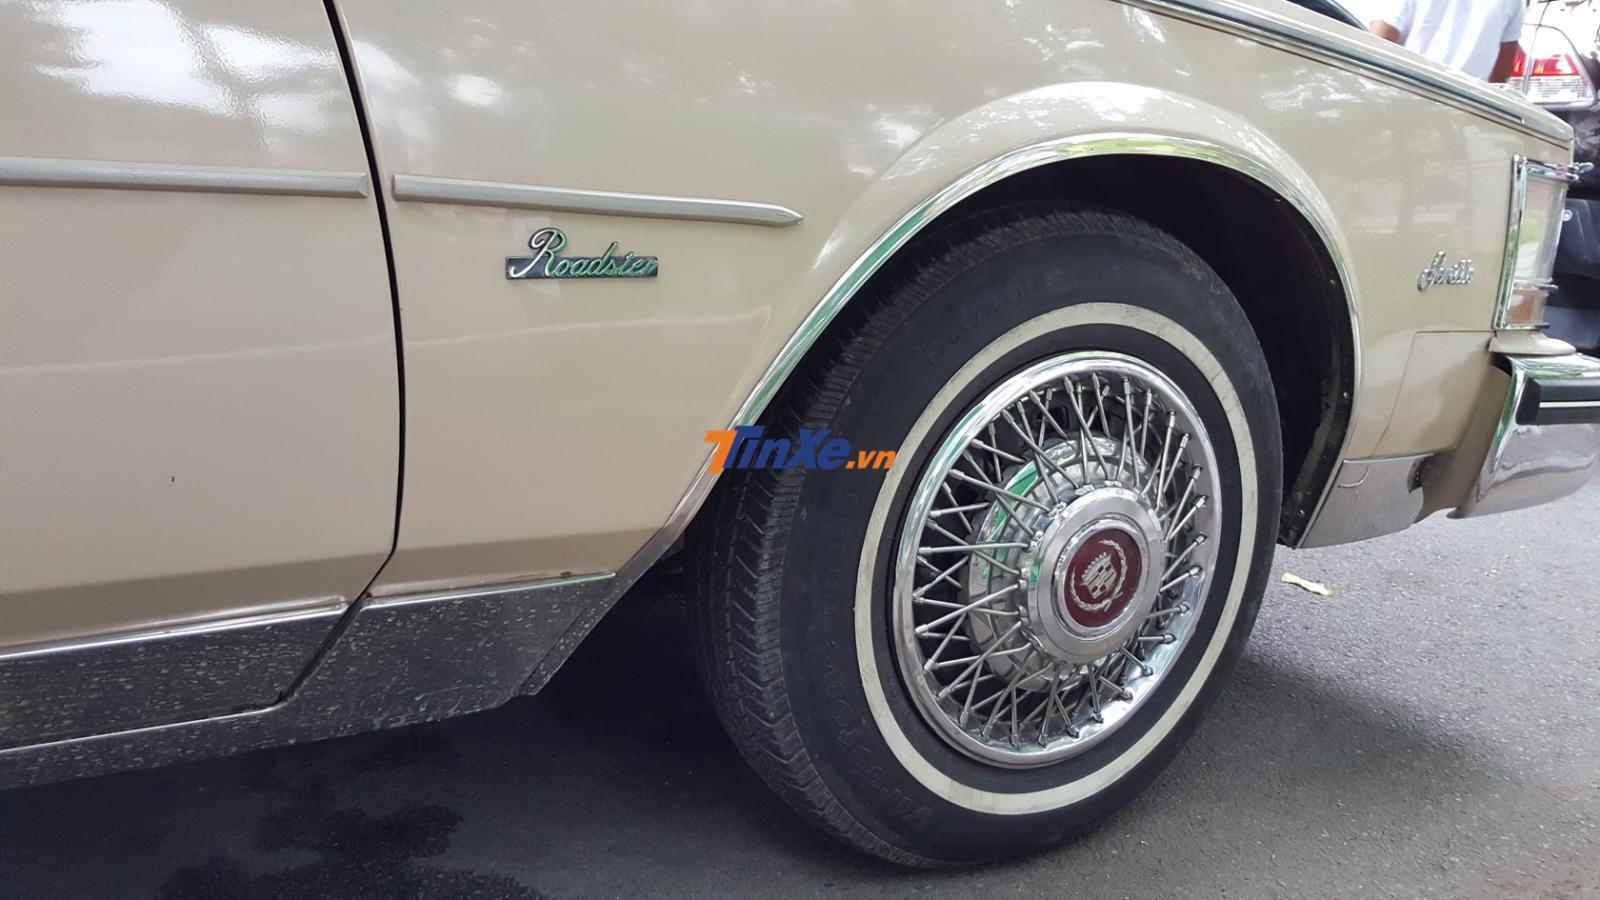 Dòng chữ Roadster ám chỉ đây là 1 chiếc Cadillac Seville thuộc phiên bản mui trần